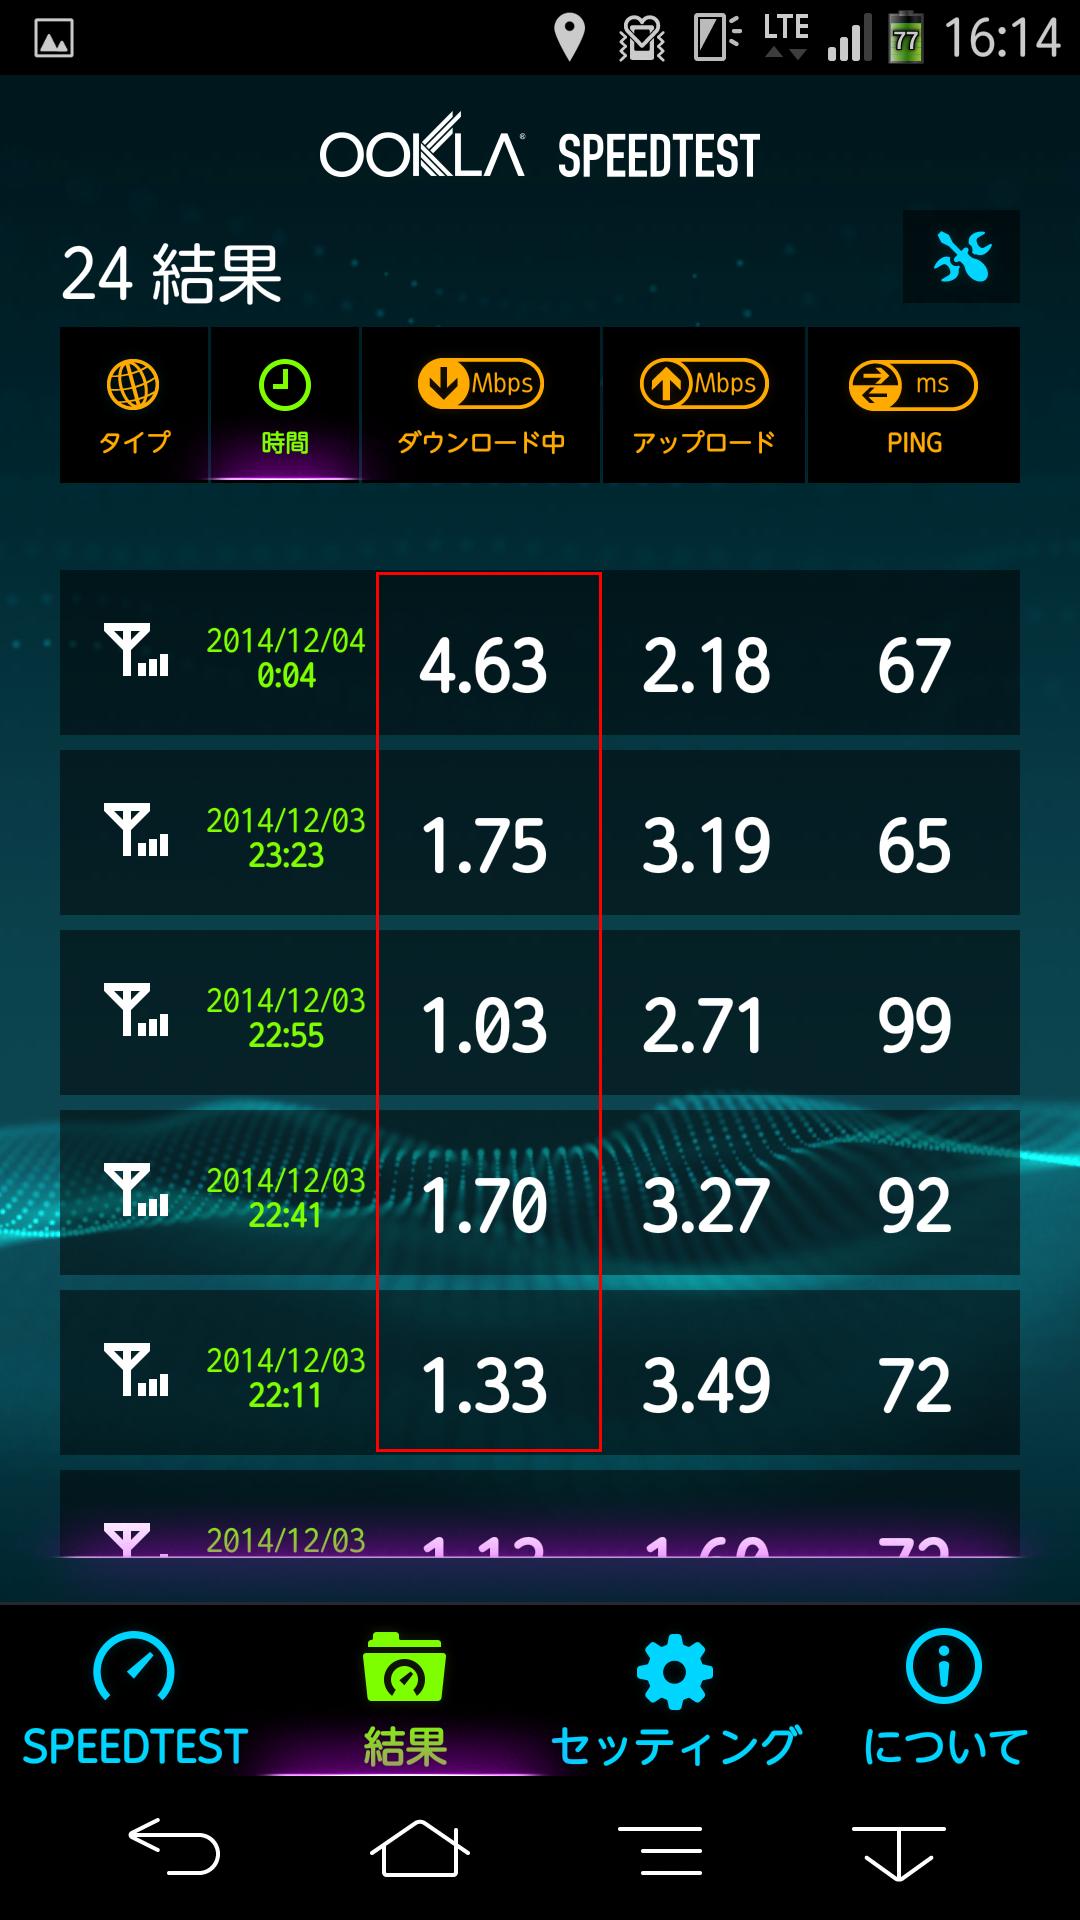 ocn-mobile-one_20141203_5